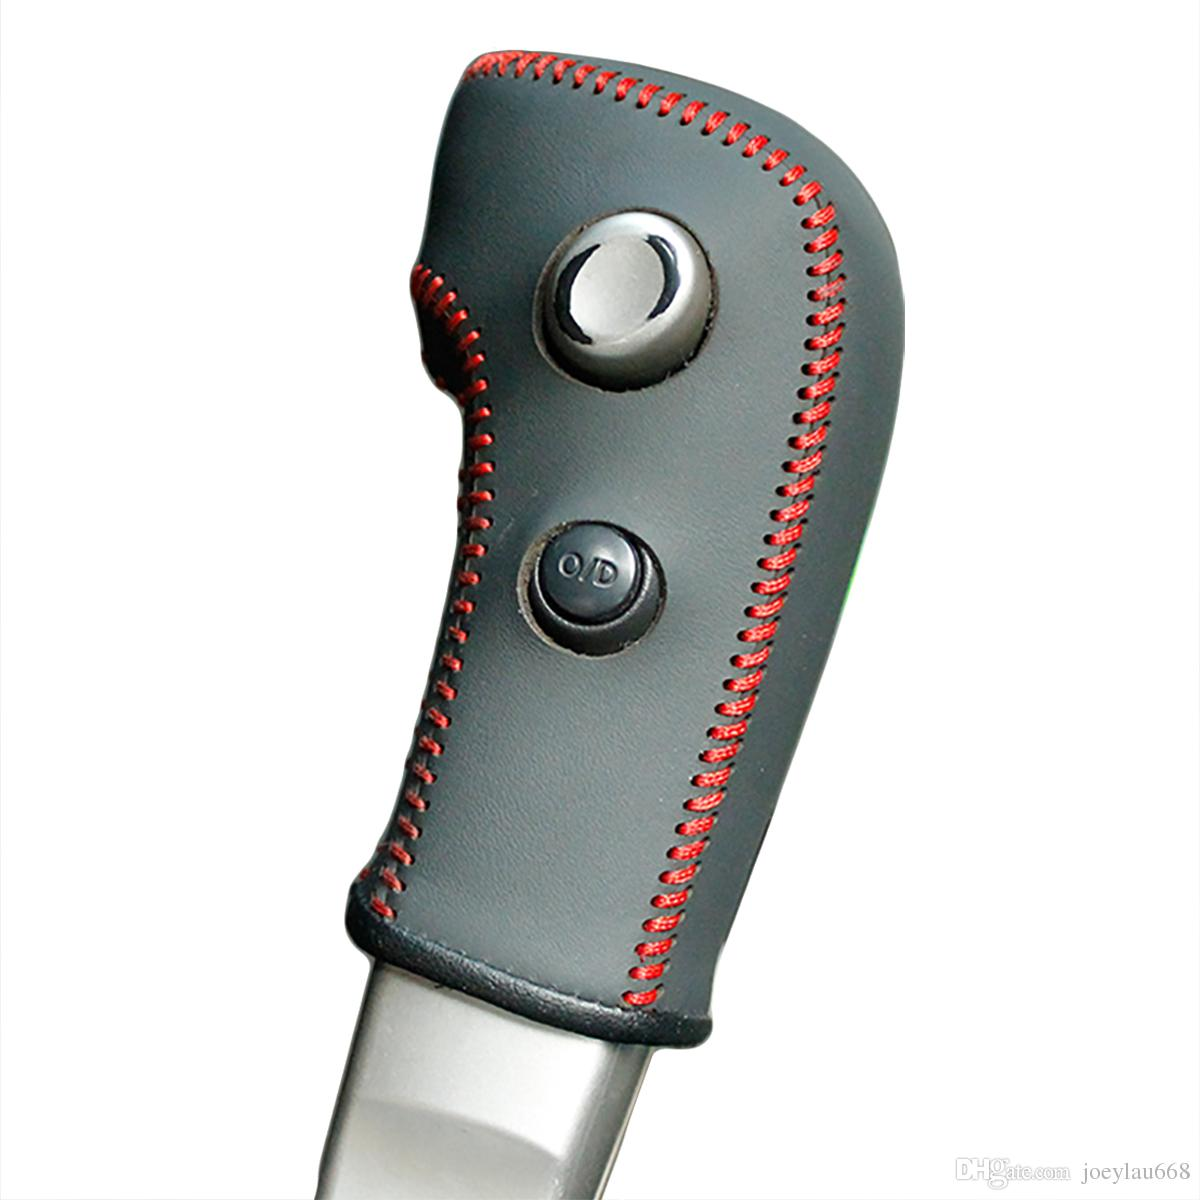 Корпус для Nissan Tiida, старая модель, автоматическая коробка передач. Ручка переключения передач. Чехол из натуральной кожи. Сделано в Японии.